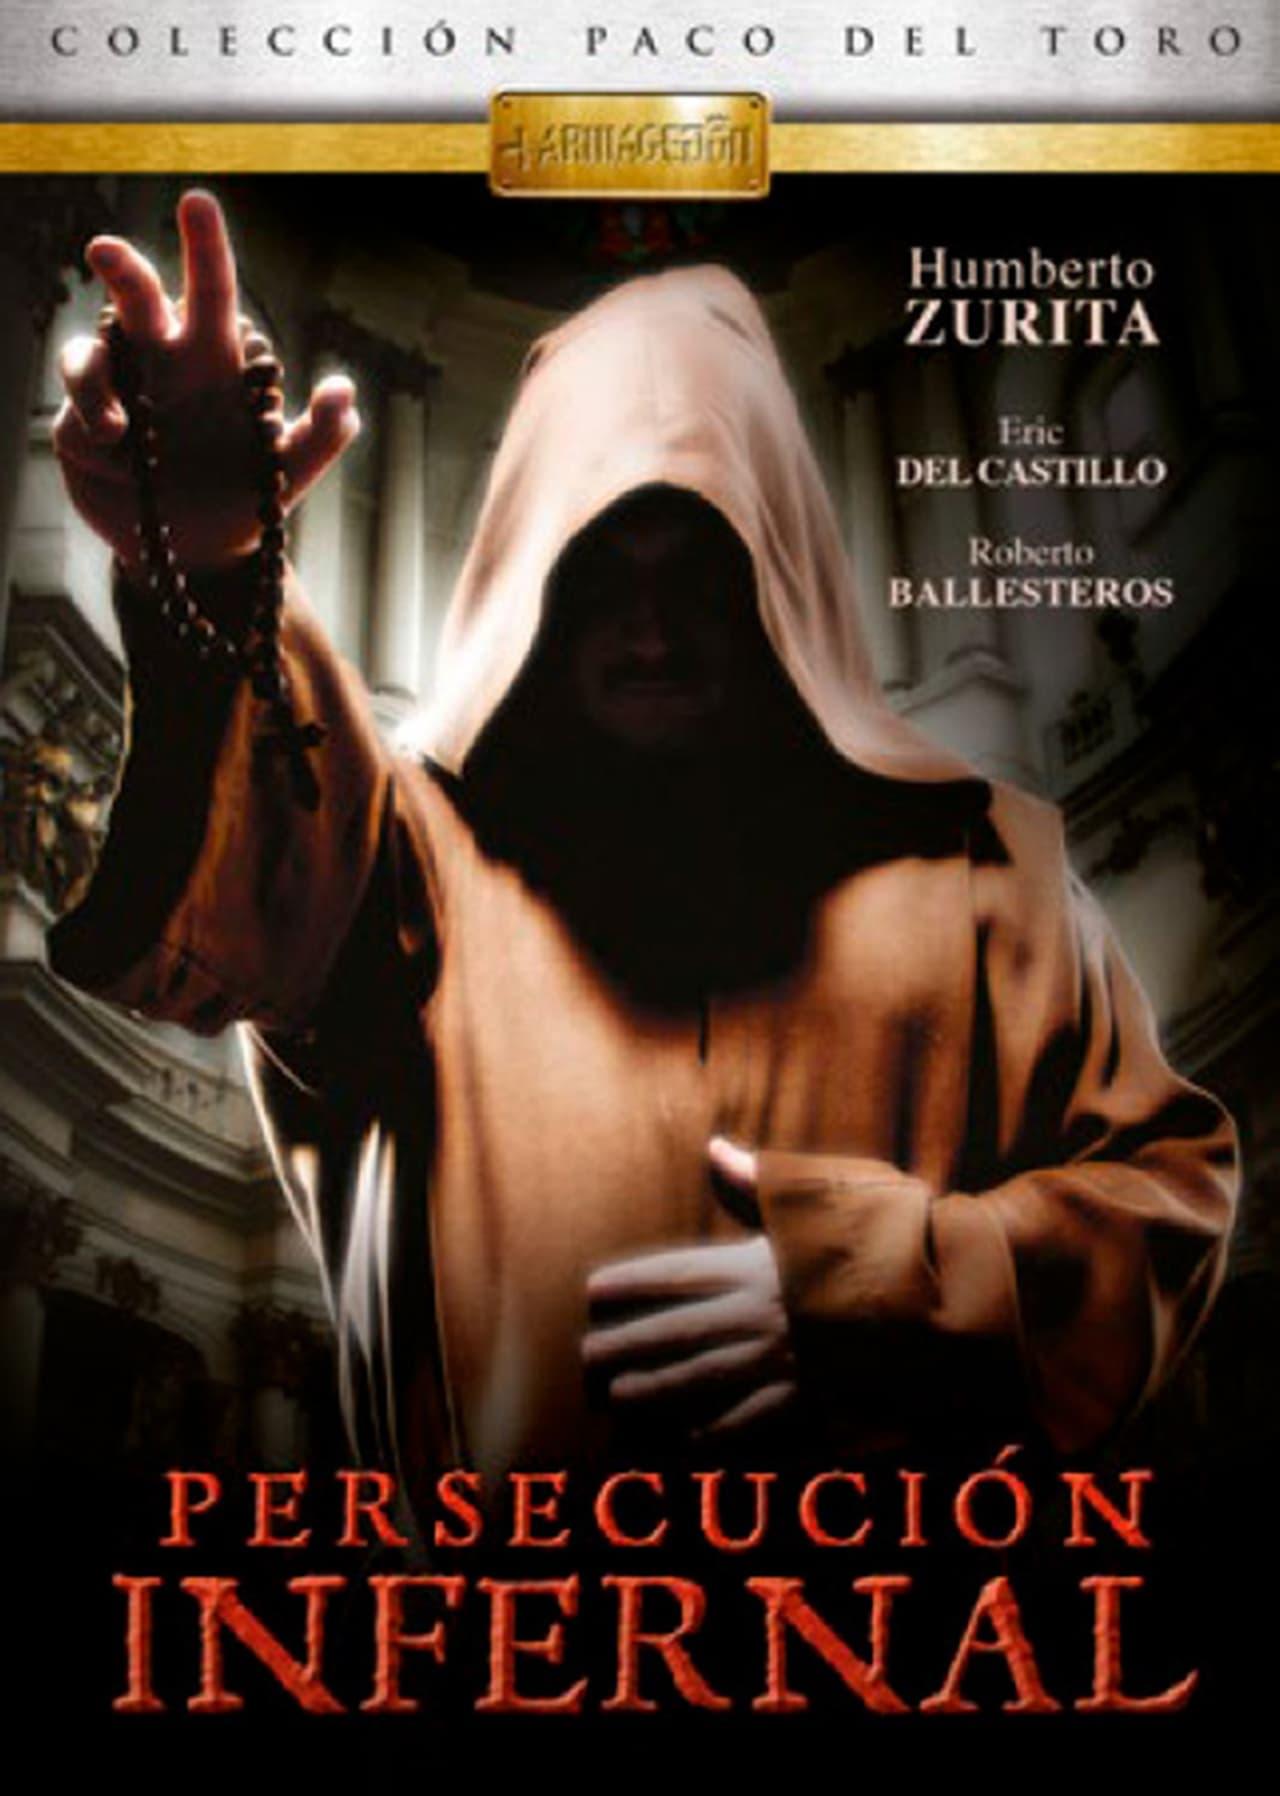 Persecución infernal